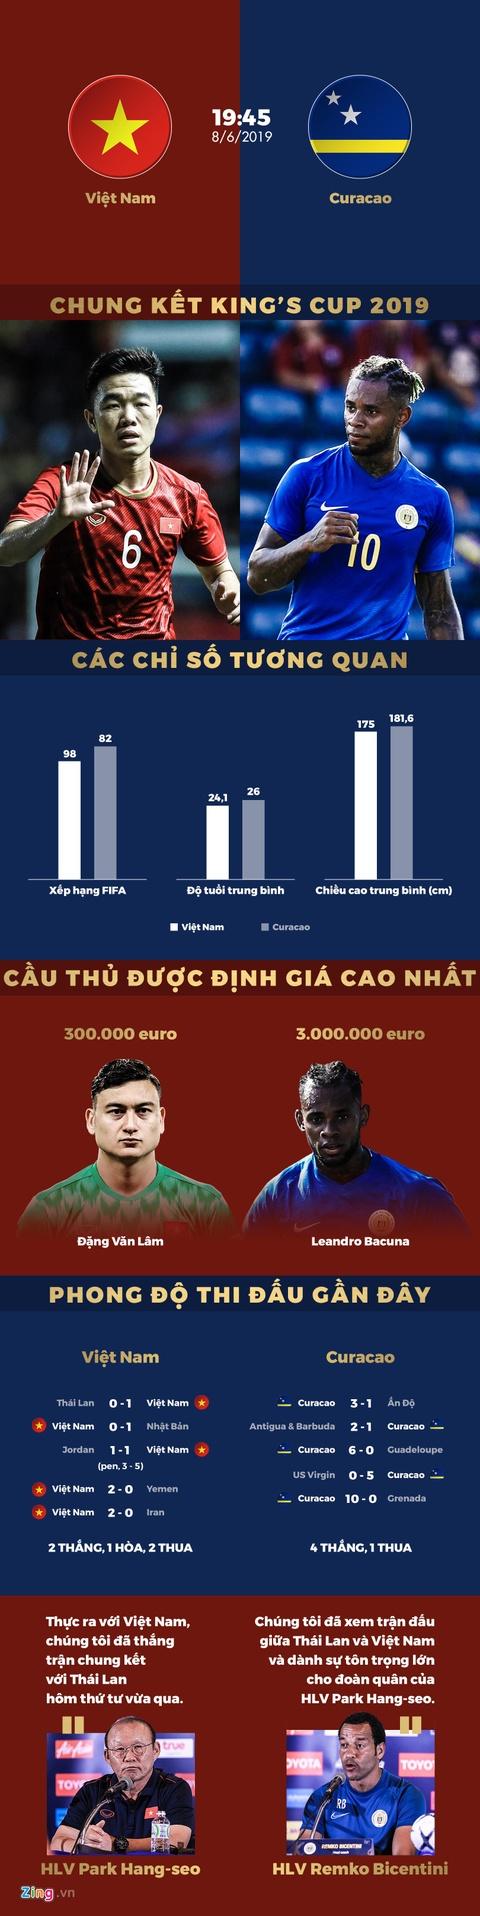 Curacao chiếm ưu thế so với tuyển Việt Nam trước chung kết King's Cup